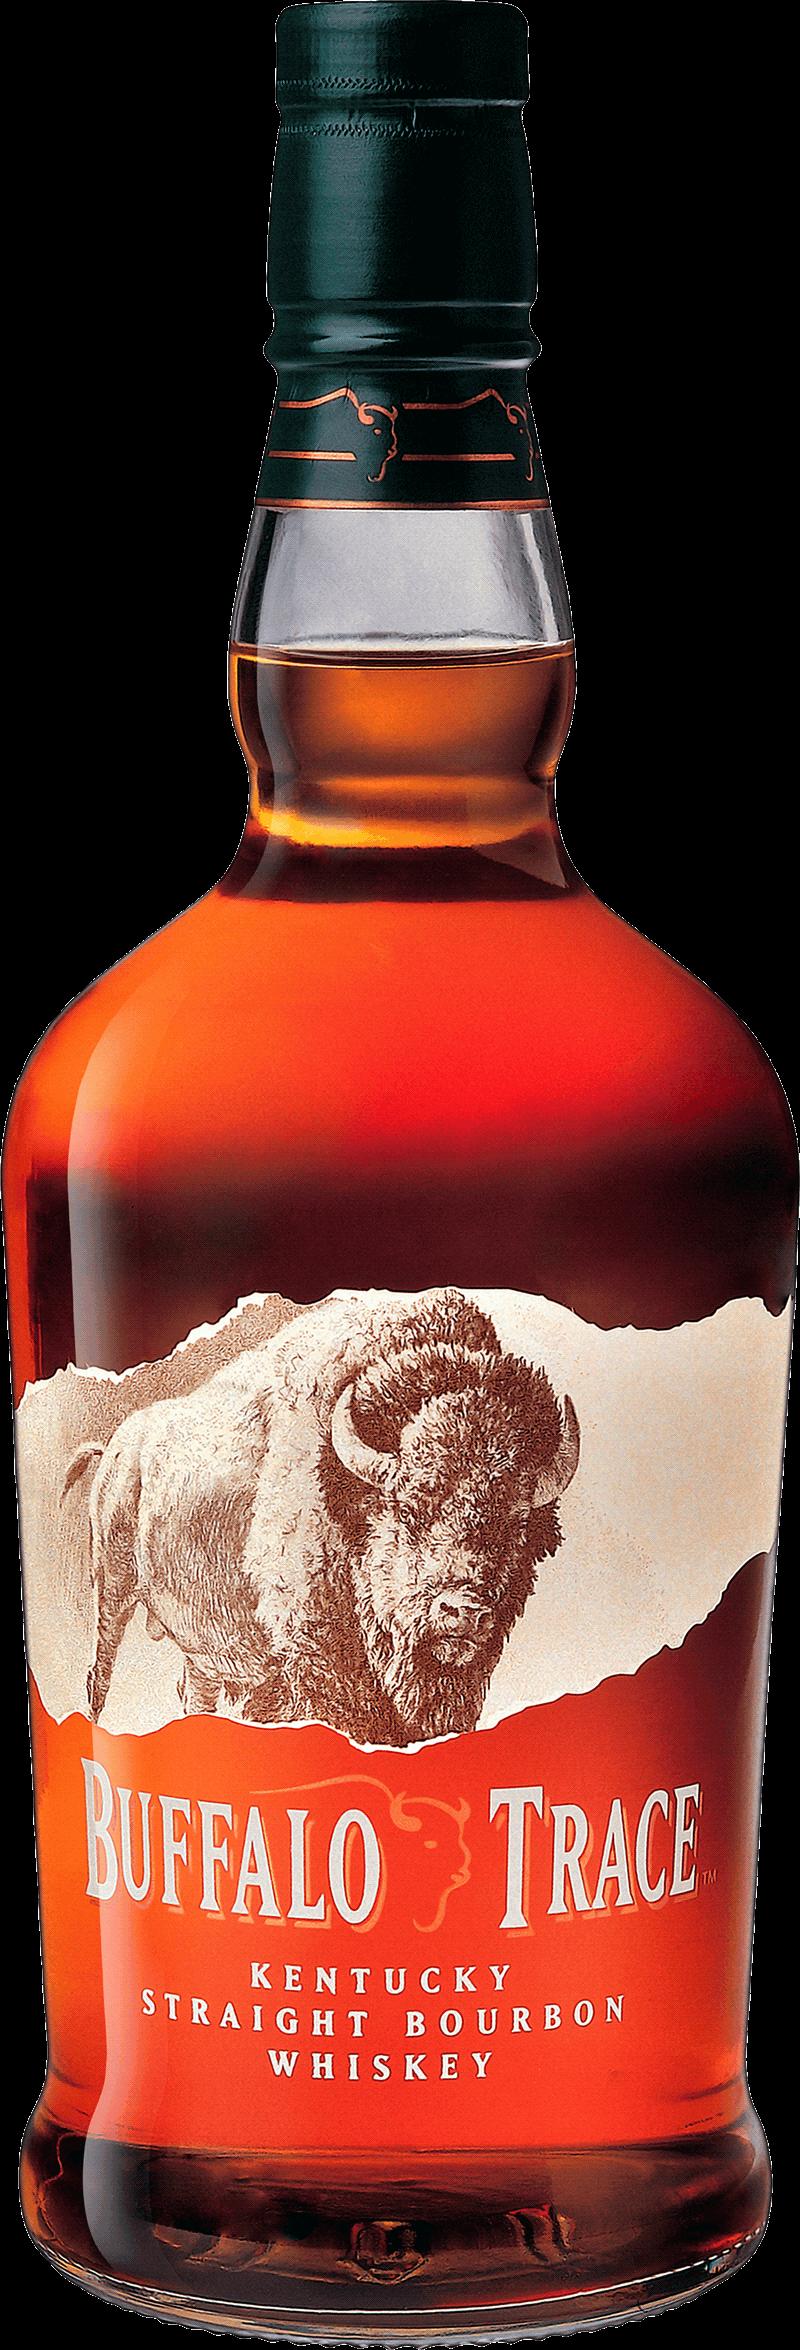 Buffalo Trace . En Whisky av typen Bourbon i en 700 Flaska från Kentucky